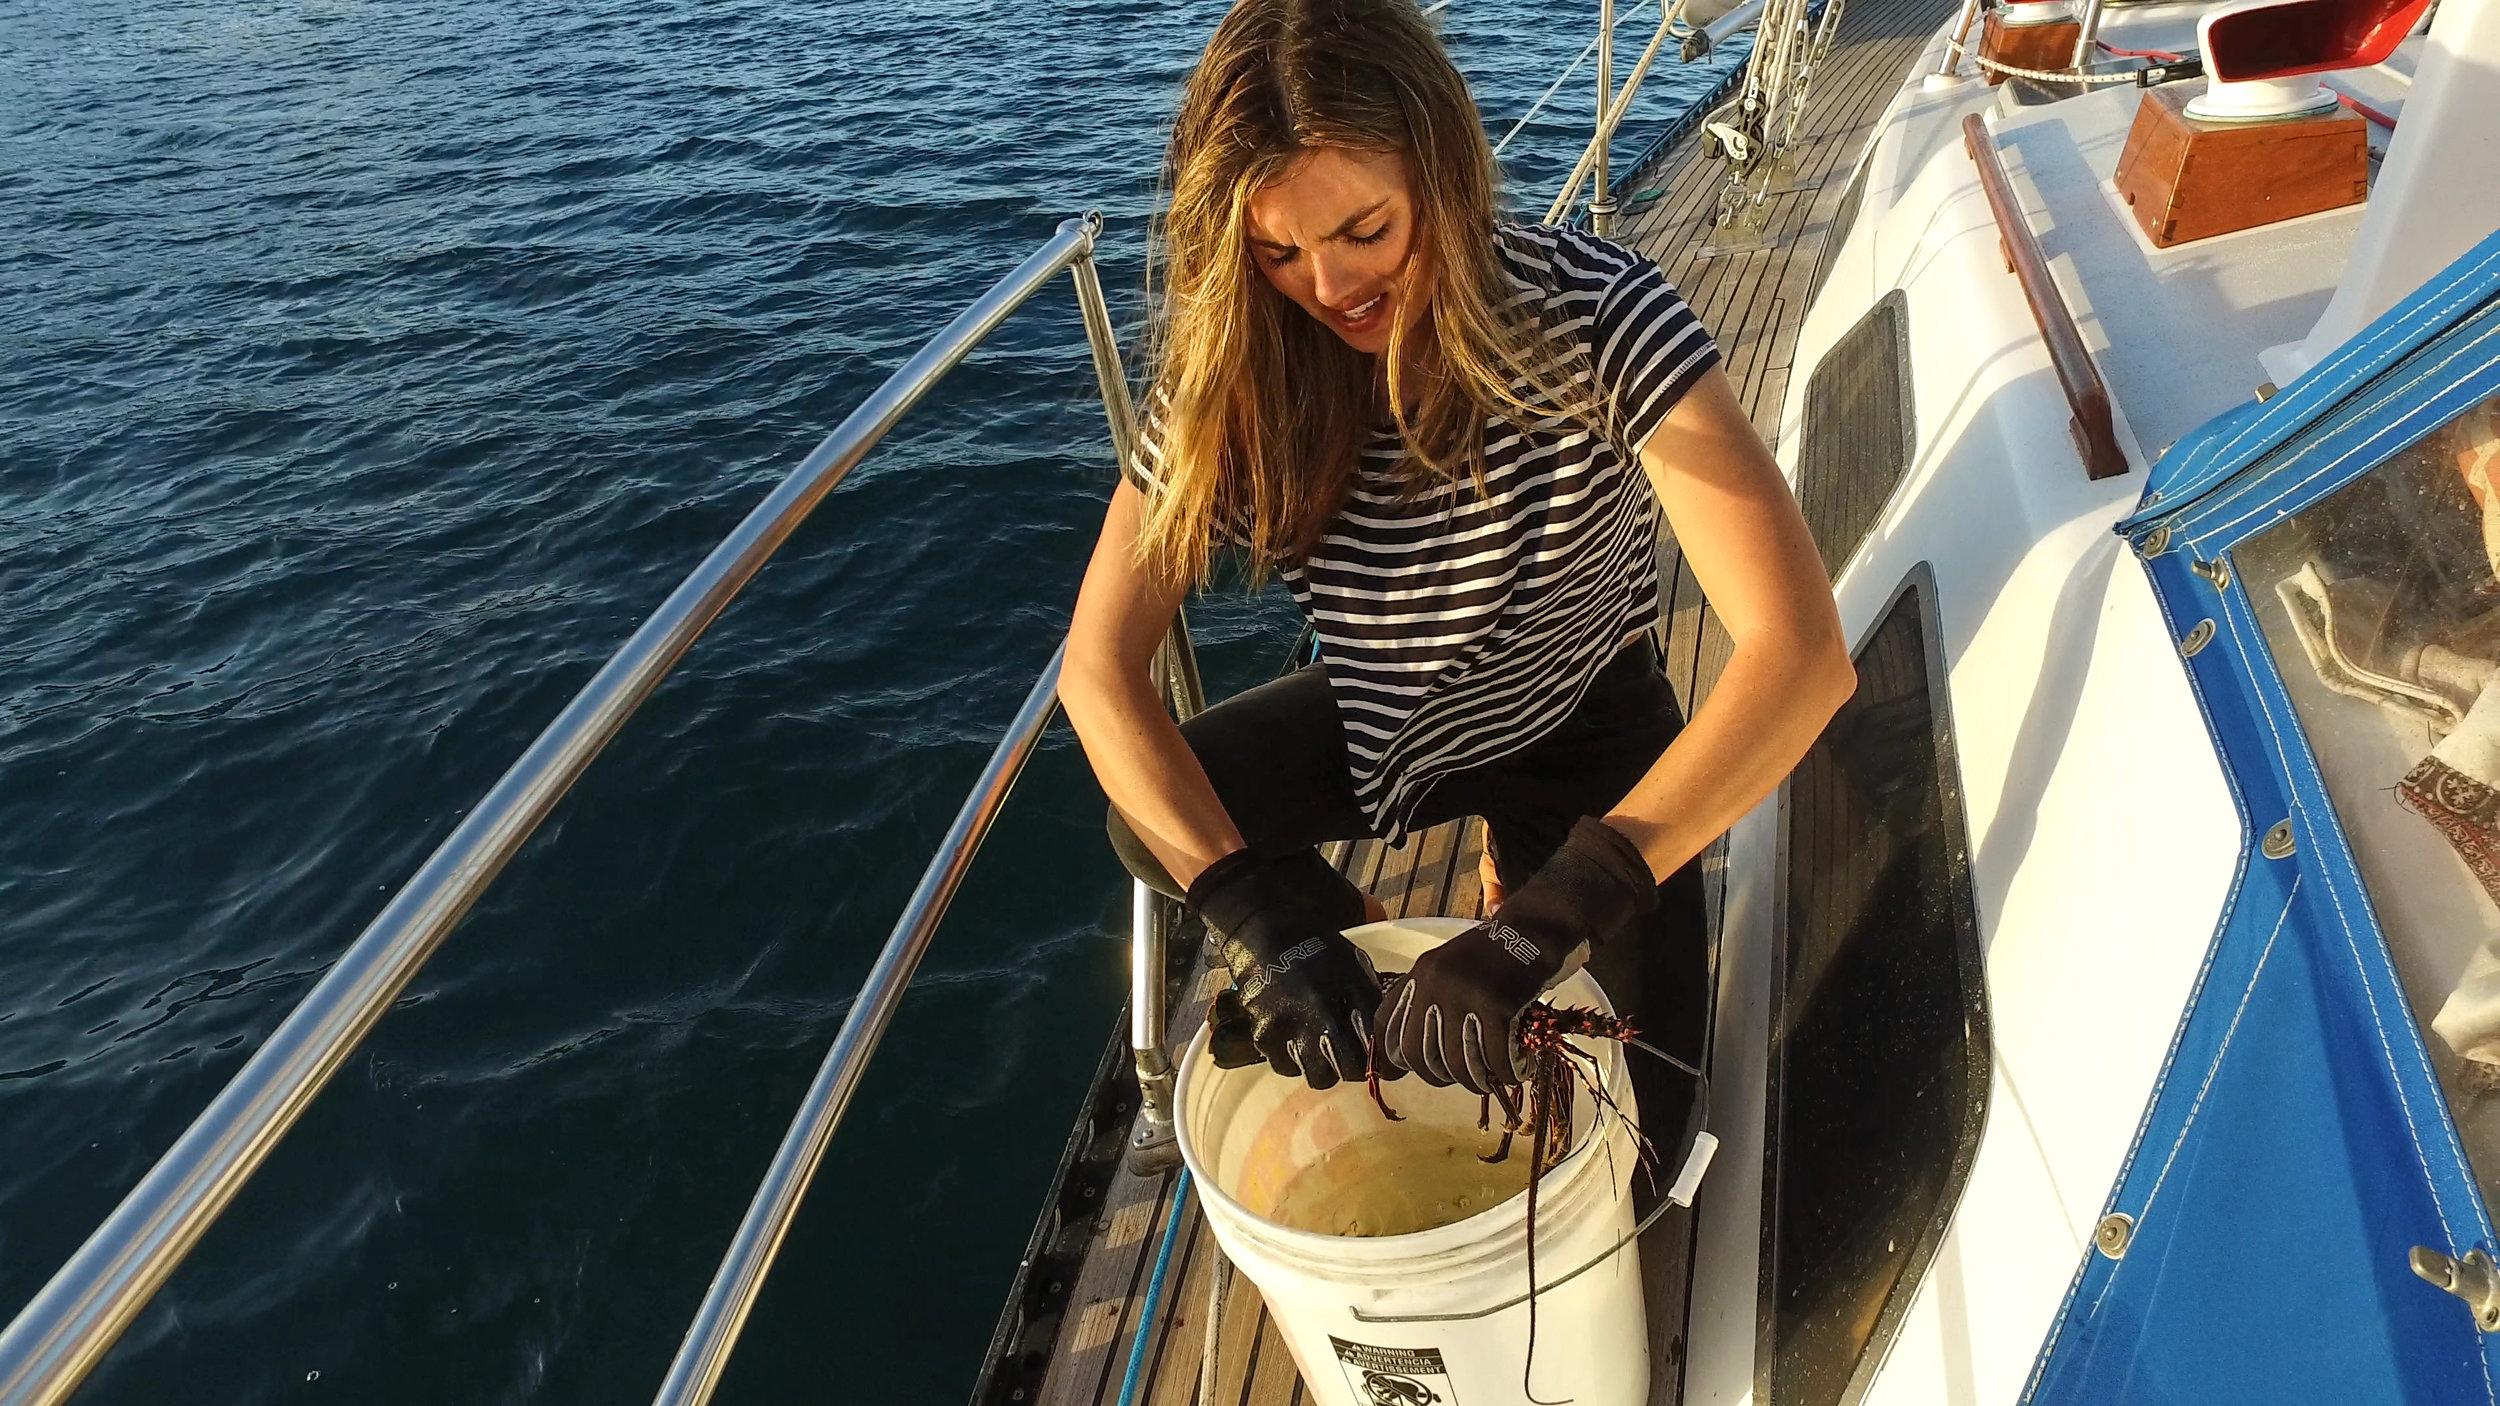 Preparing the lobster for dinner.